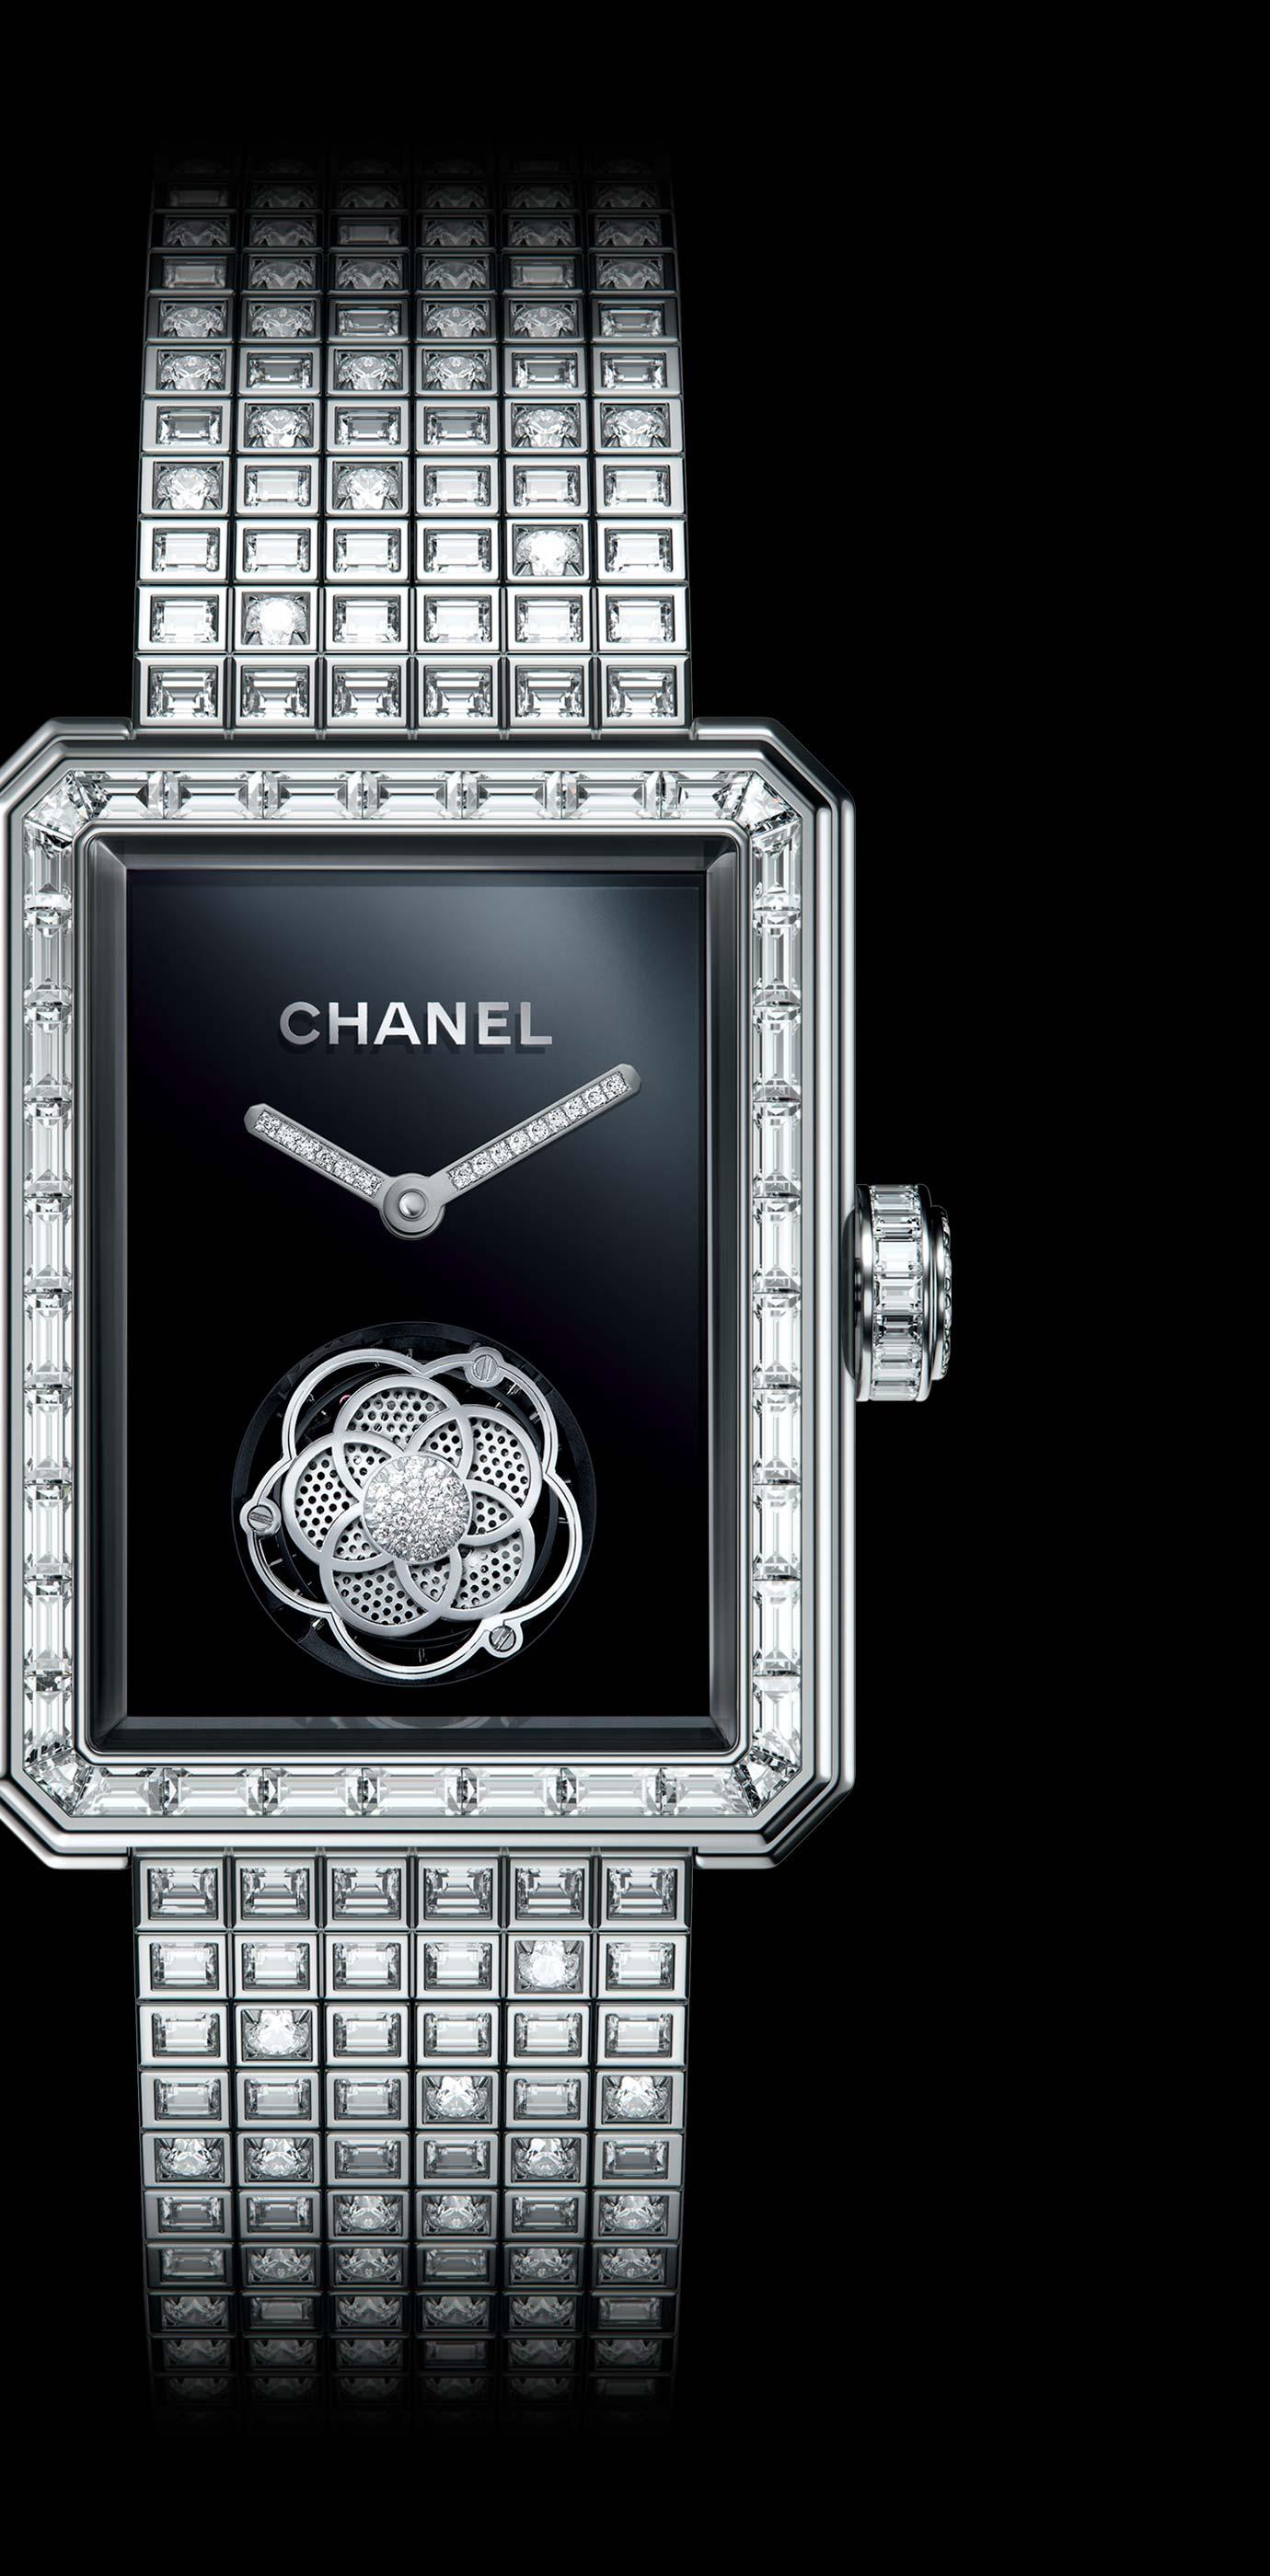 Часы MONSIEUR DE CHANEL, ЗОЛОТО BEIGE, техника горячей эмали, мотив льва из рельефного золота, функция прыгающего часа, ретроградный механизм индикации минут со шкалой на 240 градусов - Увеличенный вид